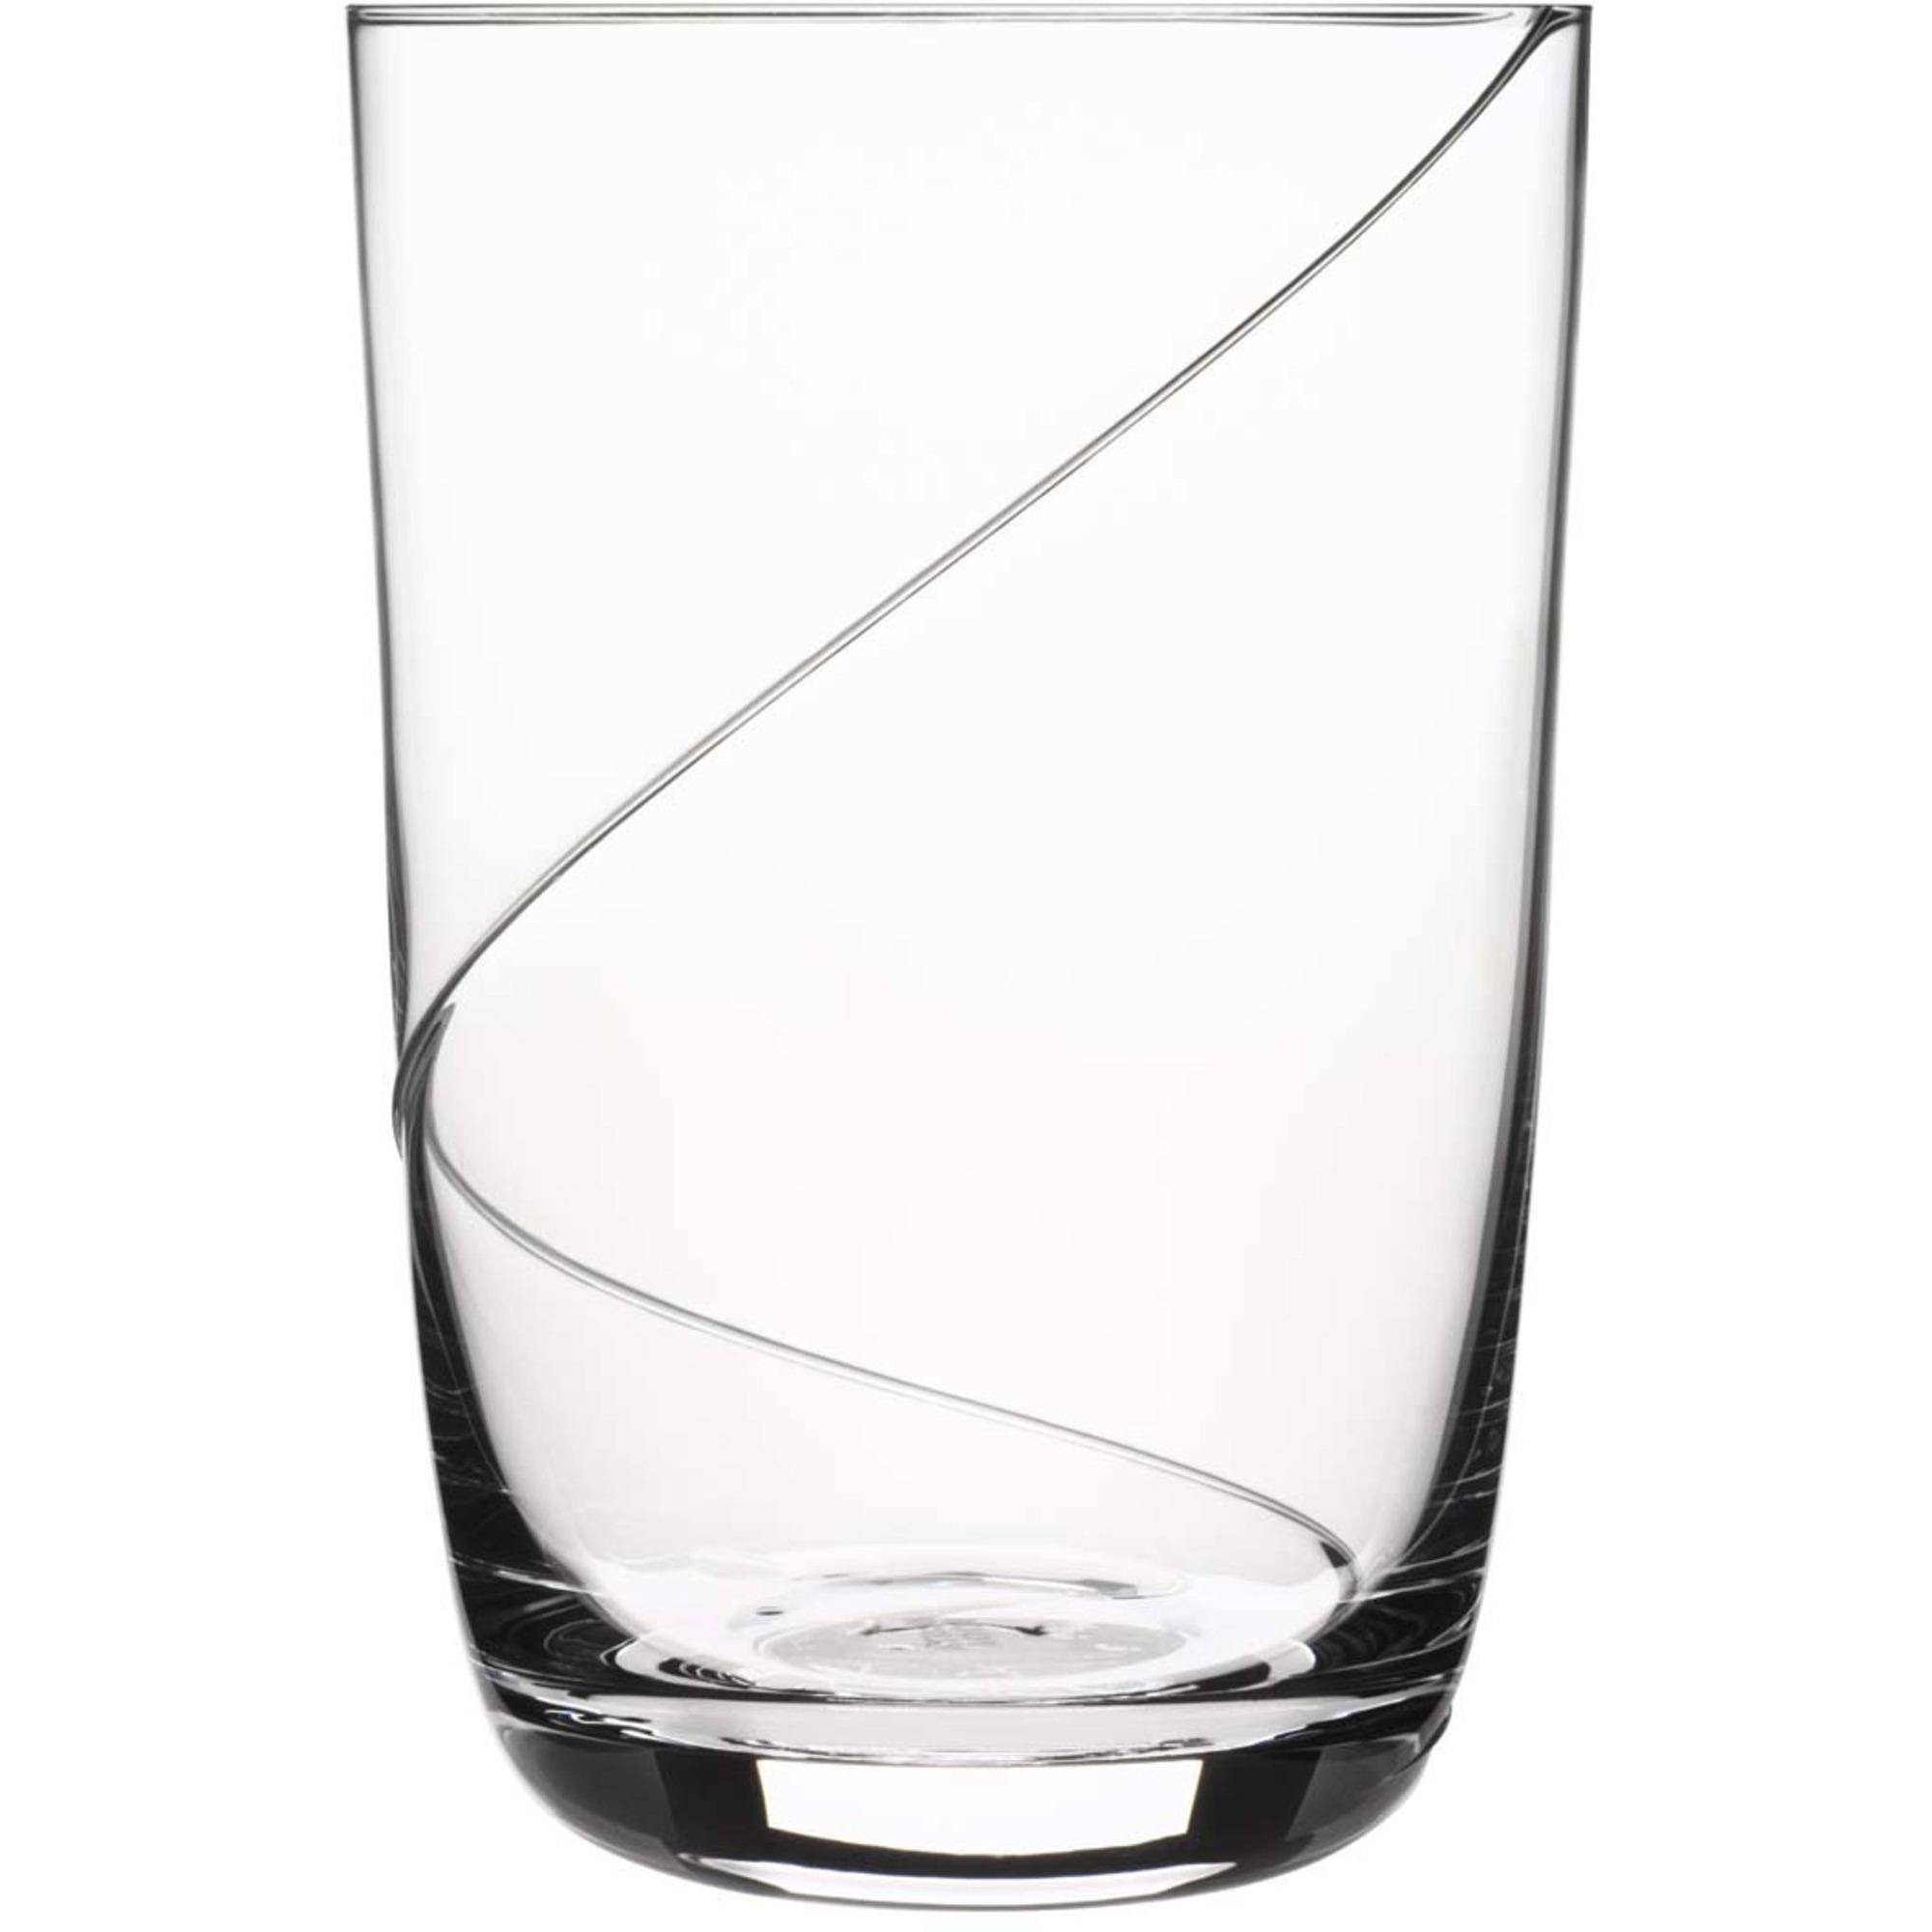 Kosta Boda Line Tumblerglas 31 cl dricksglas